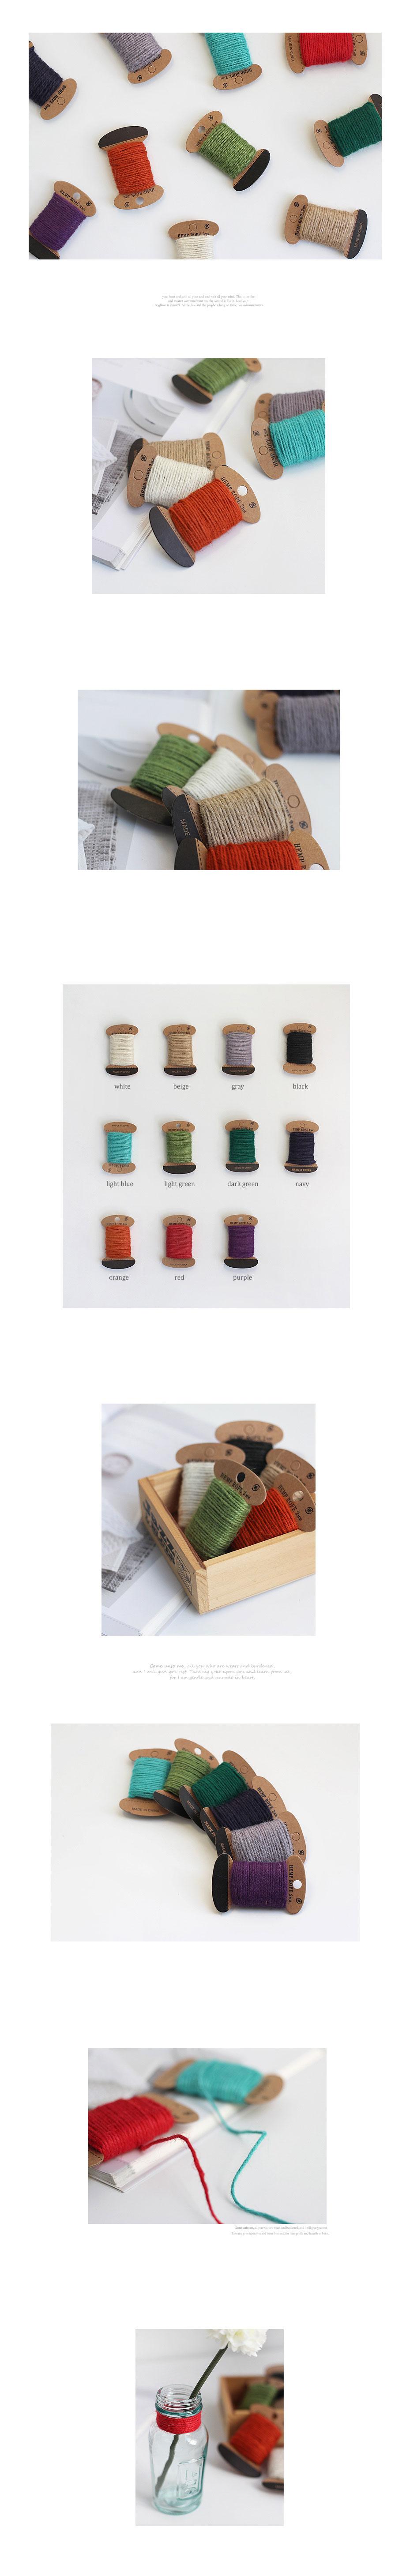 컬러 대마 로프 (11color)  annahouse - 안나하우스, 1,600원, 가드닝도구, 화분대/화분받침